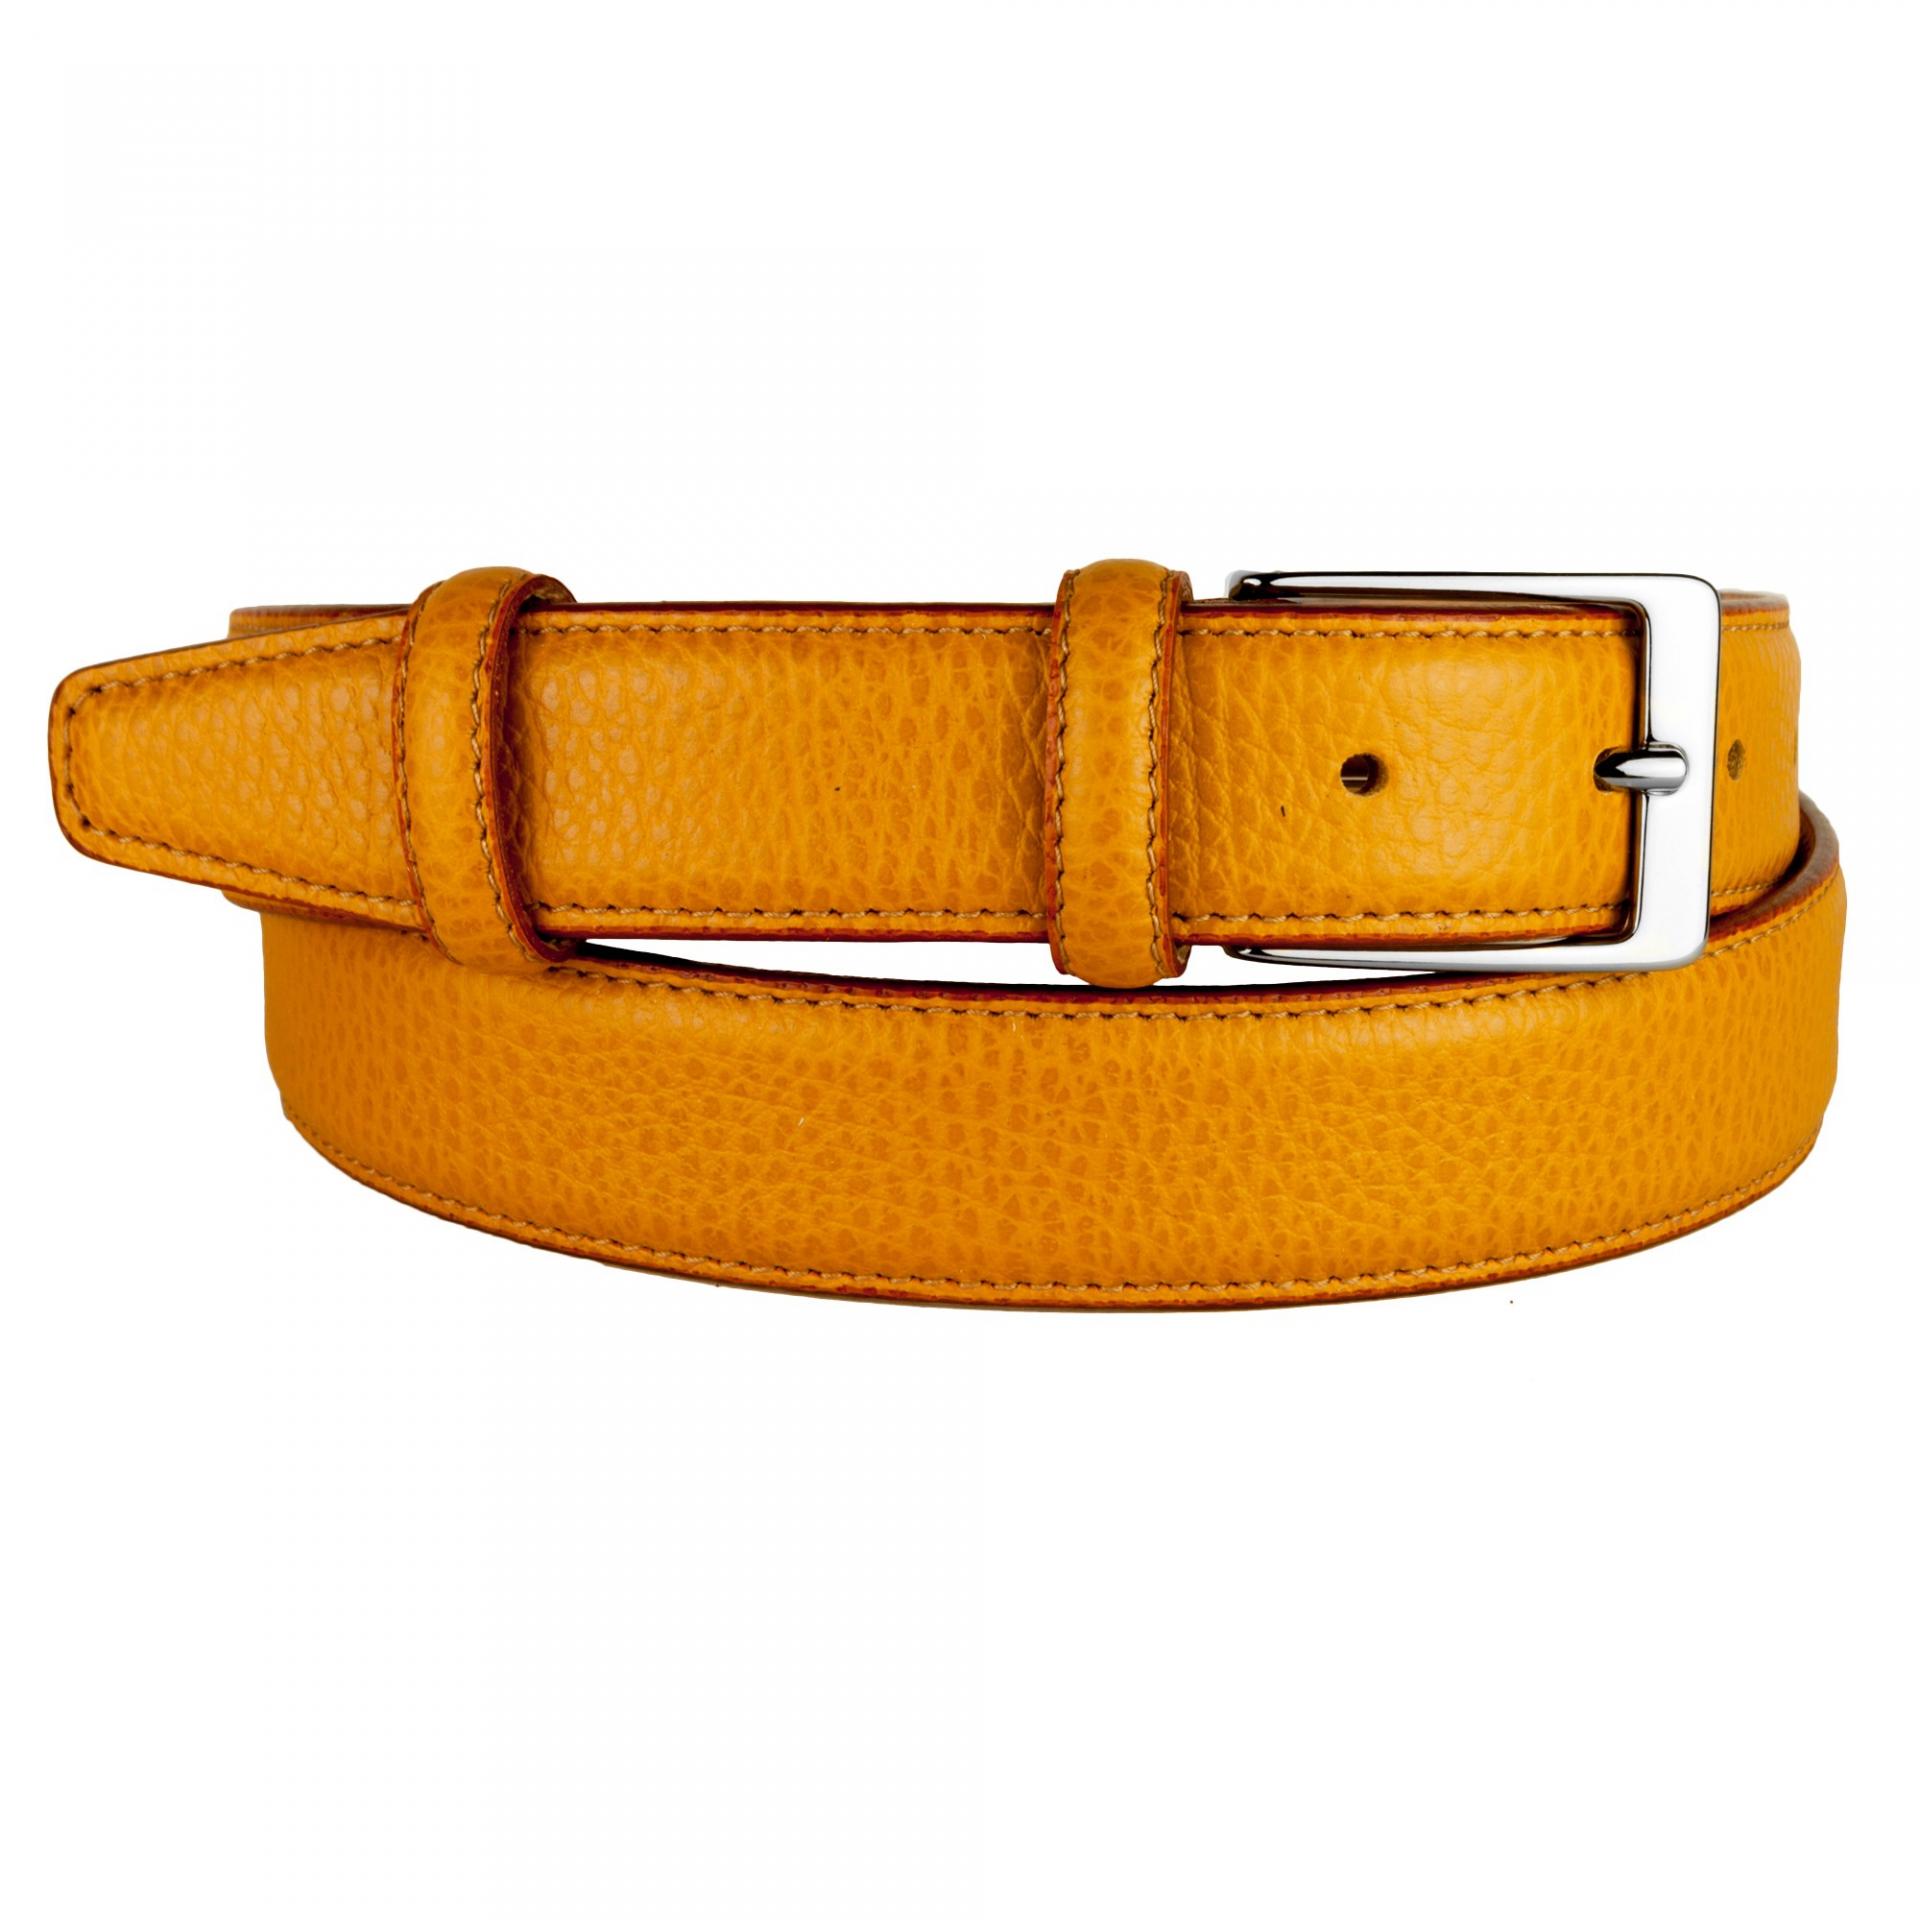 Cintura giallo ocra